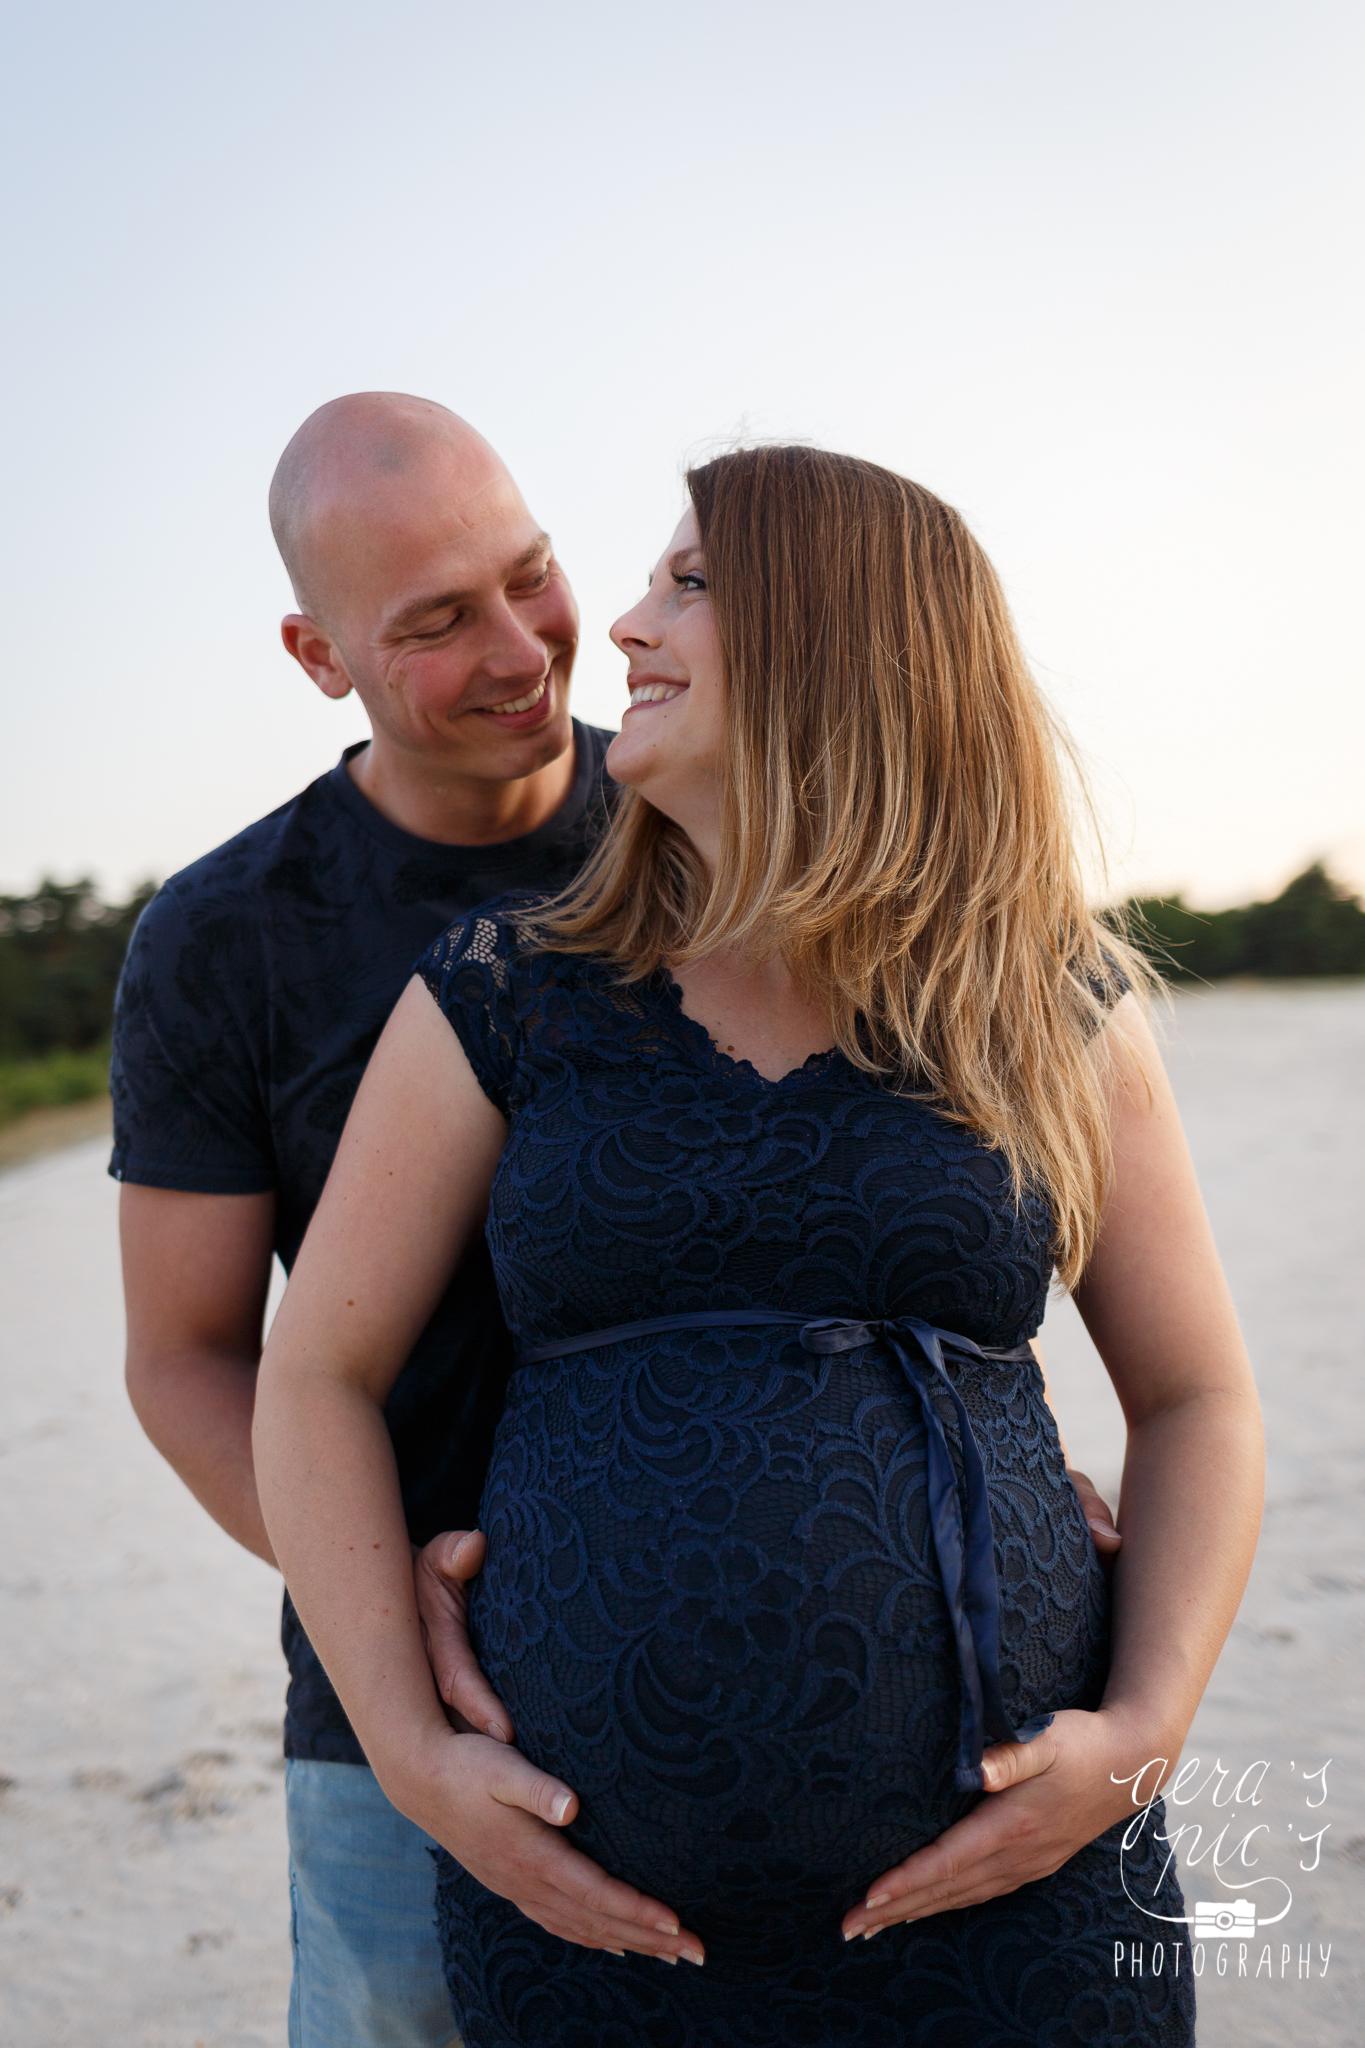 zwangerschapsshoot Gera's Pic's Photography Brunssum-4